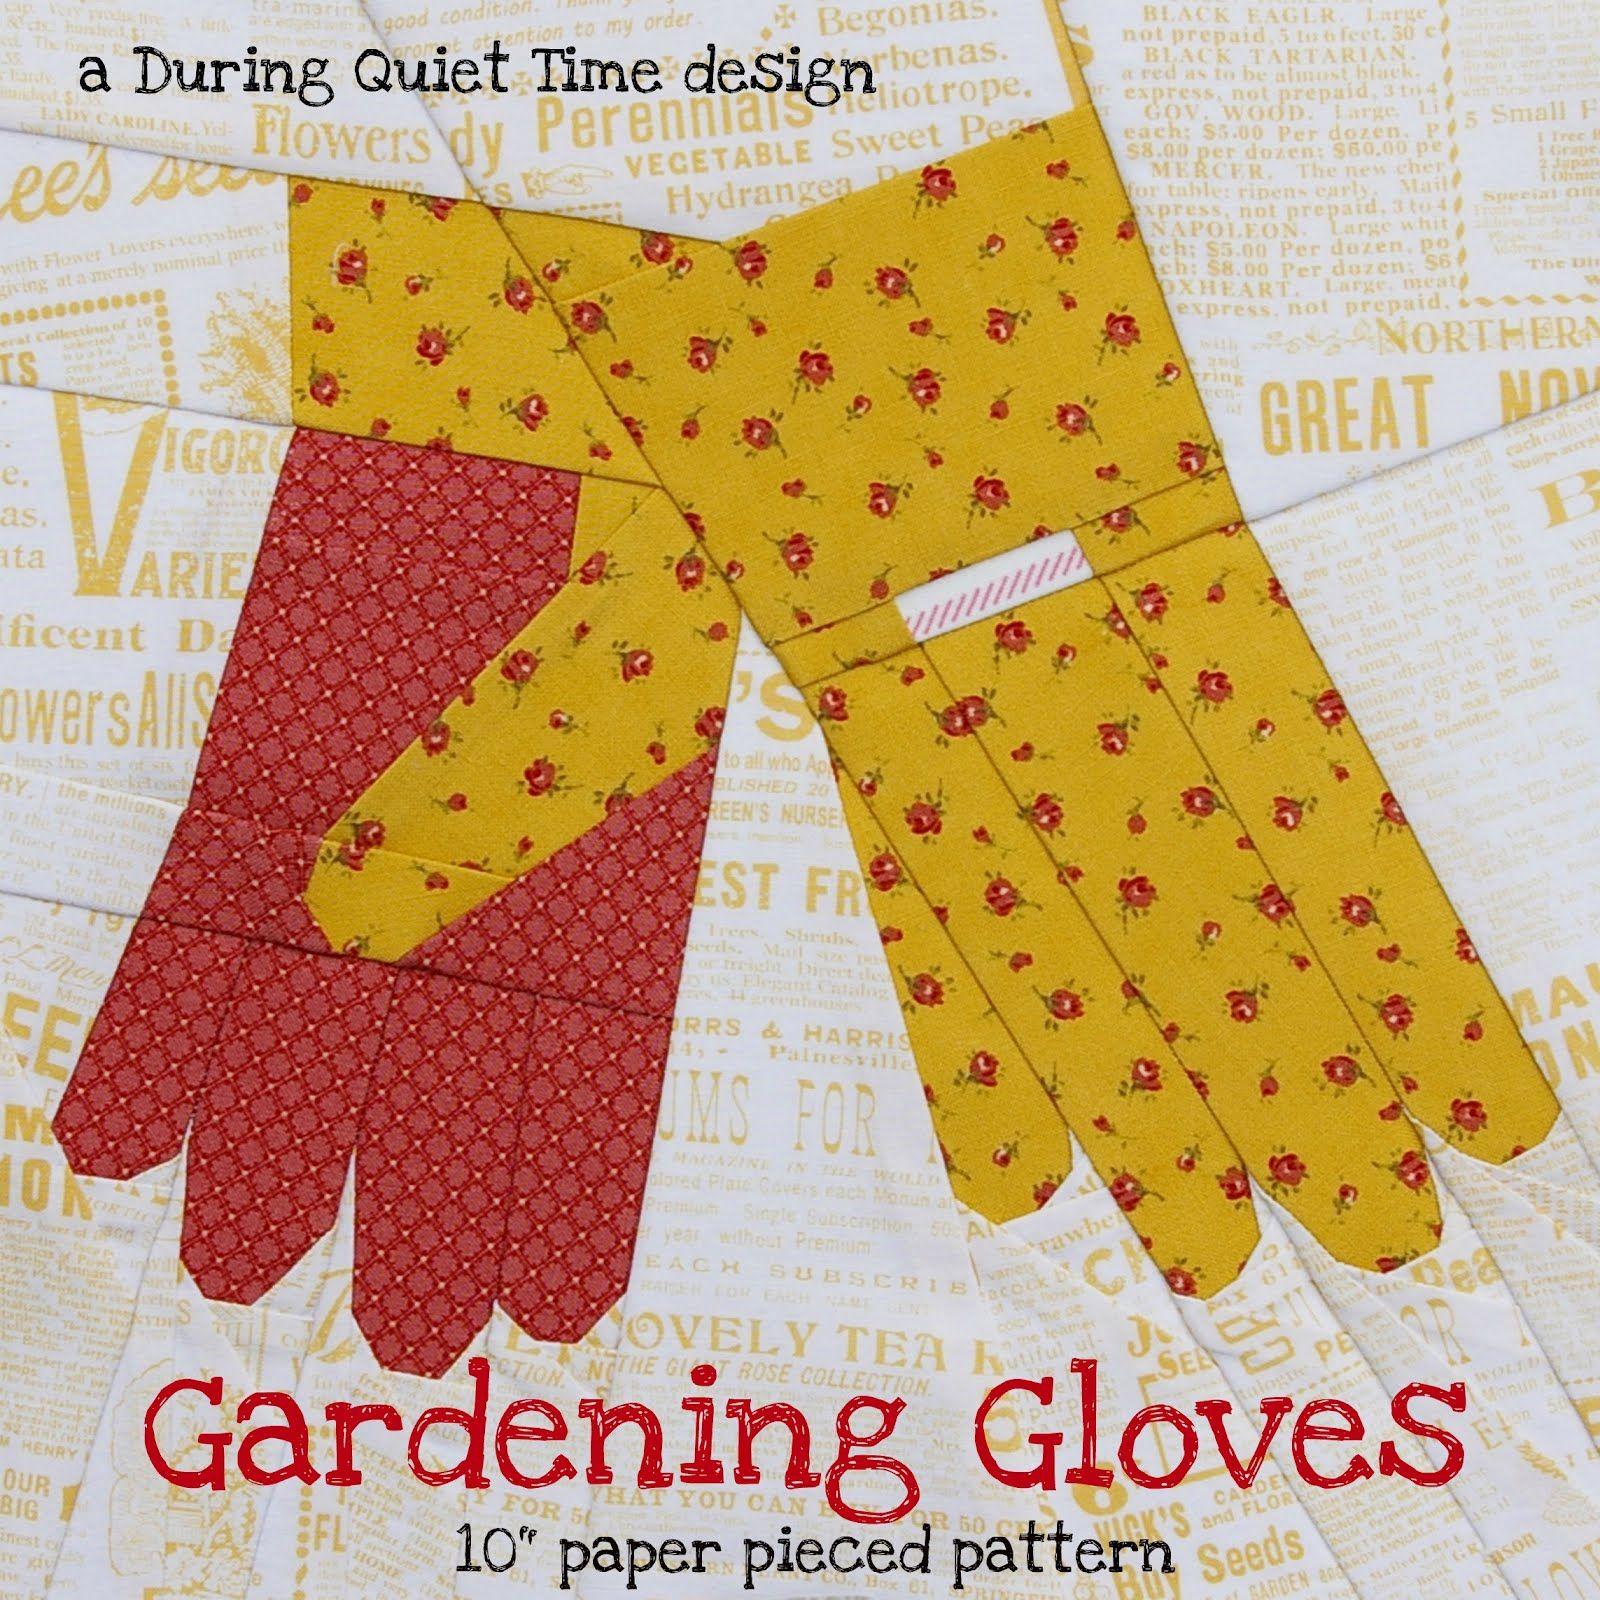 Gardening Gloves, A Paper Pieced Pattern